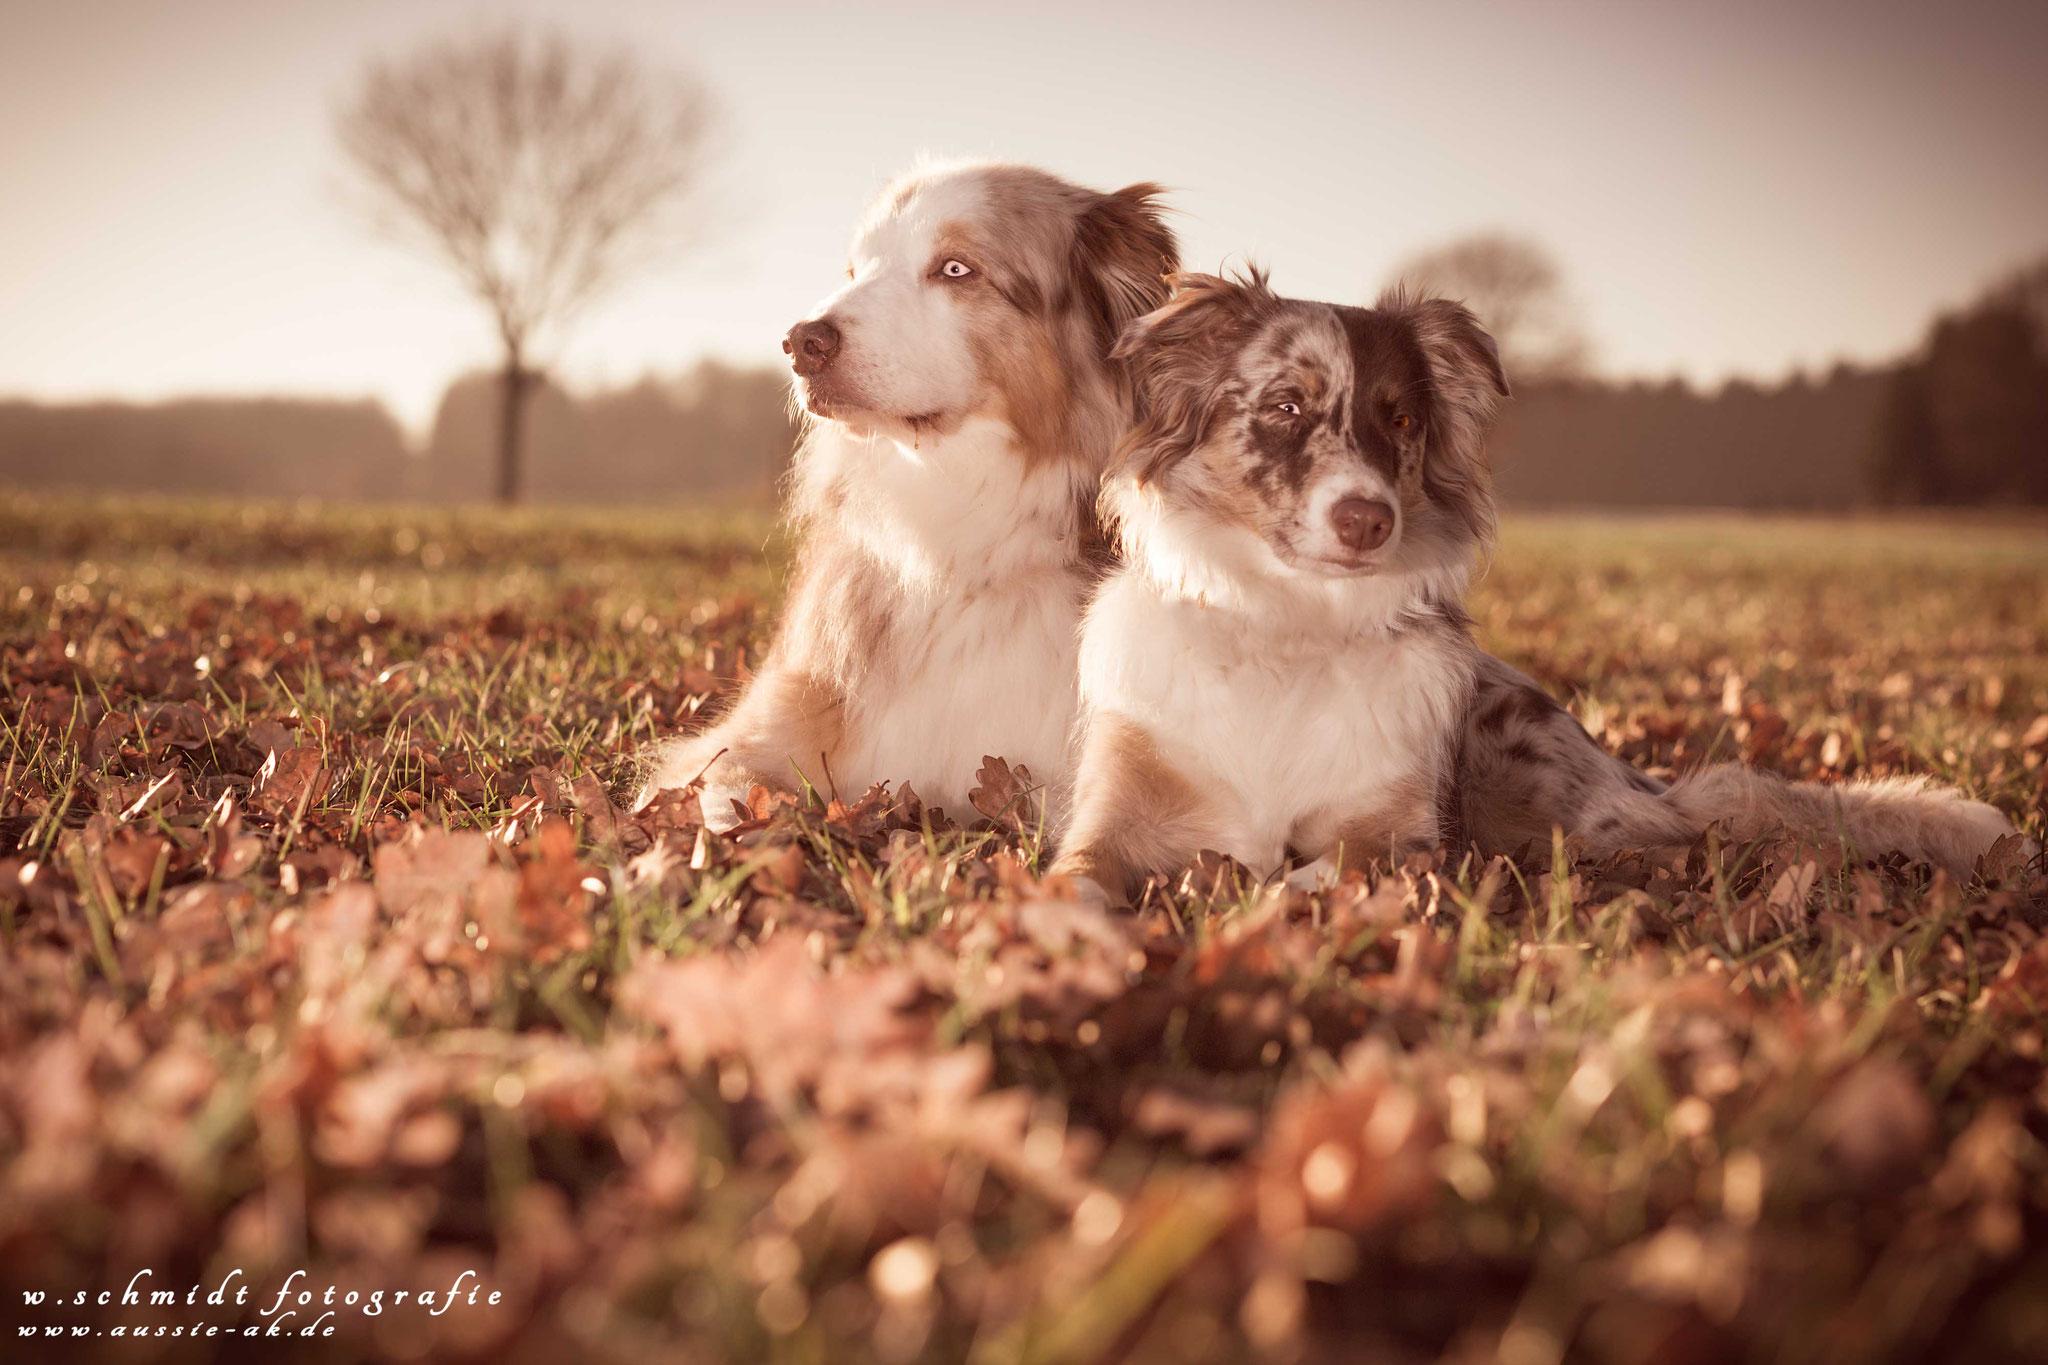 Garffi und Ivy